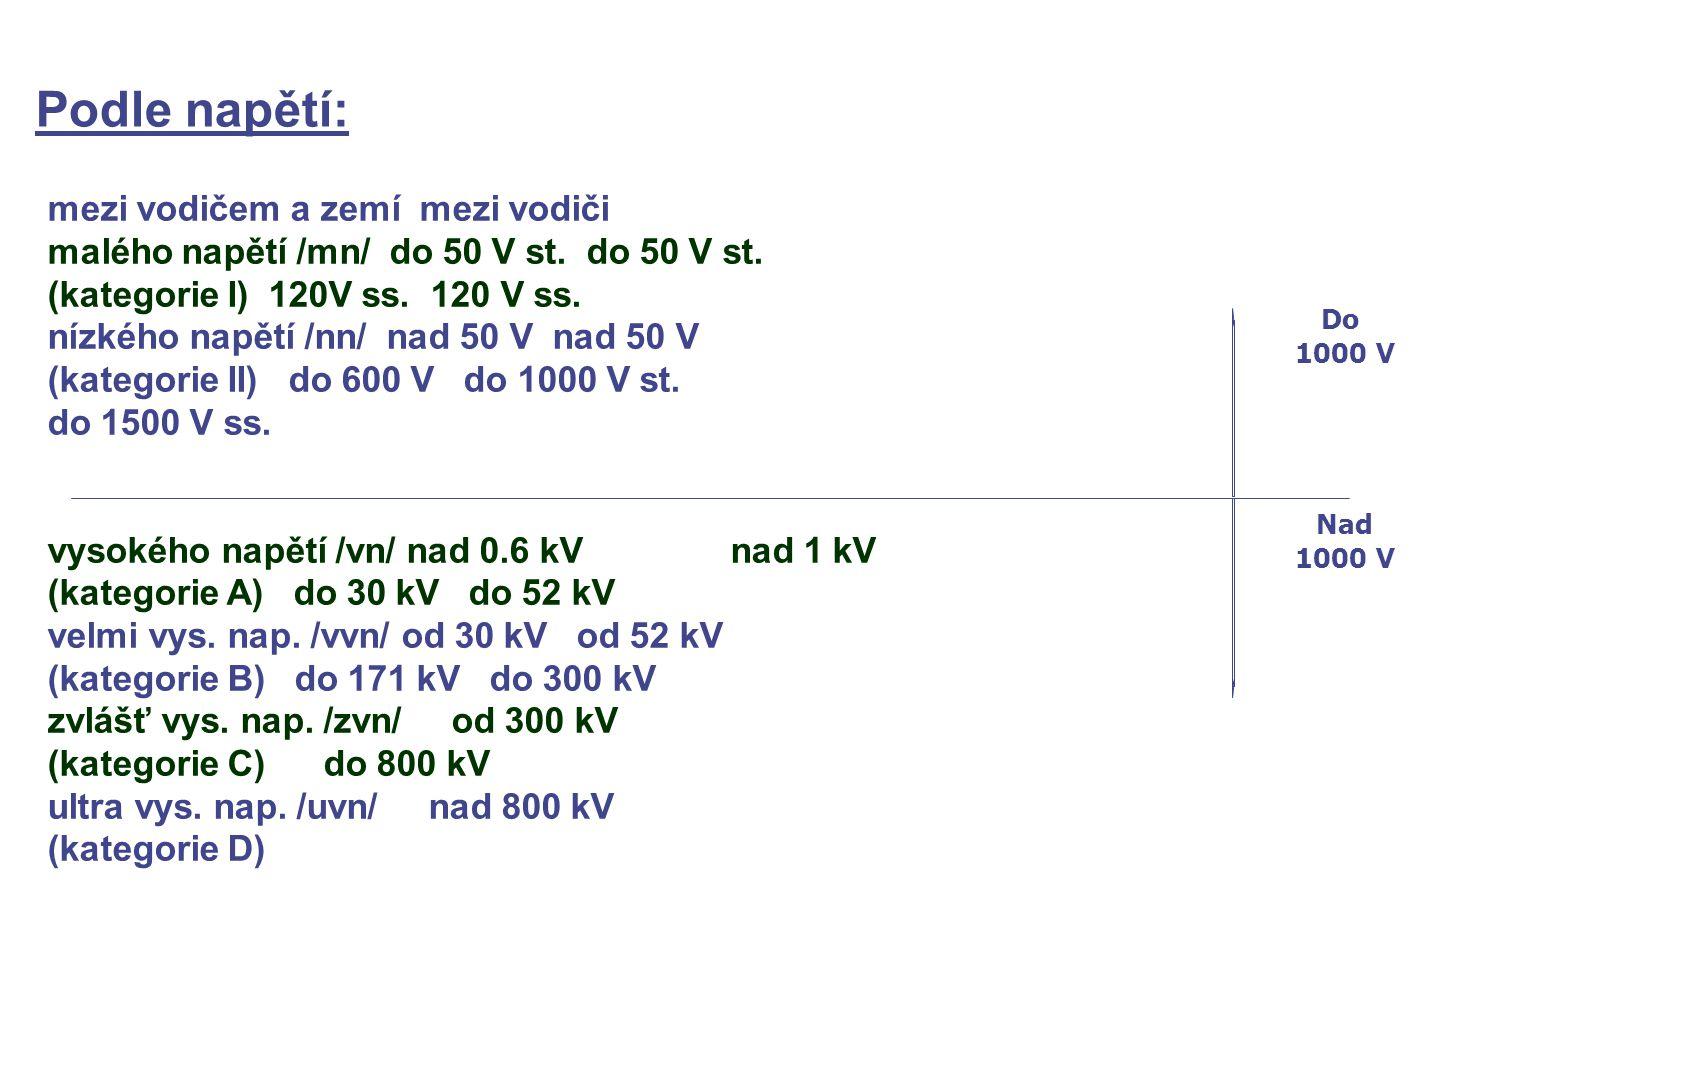 mezi vodičem a zemí mezi vodiči malého napětí /mn/ do 50 V st. do 50 V st. (kategorie I) 120V ss. 120 V ss. nízkého napětí /nn/ nad 50 V nad 50 V (kat